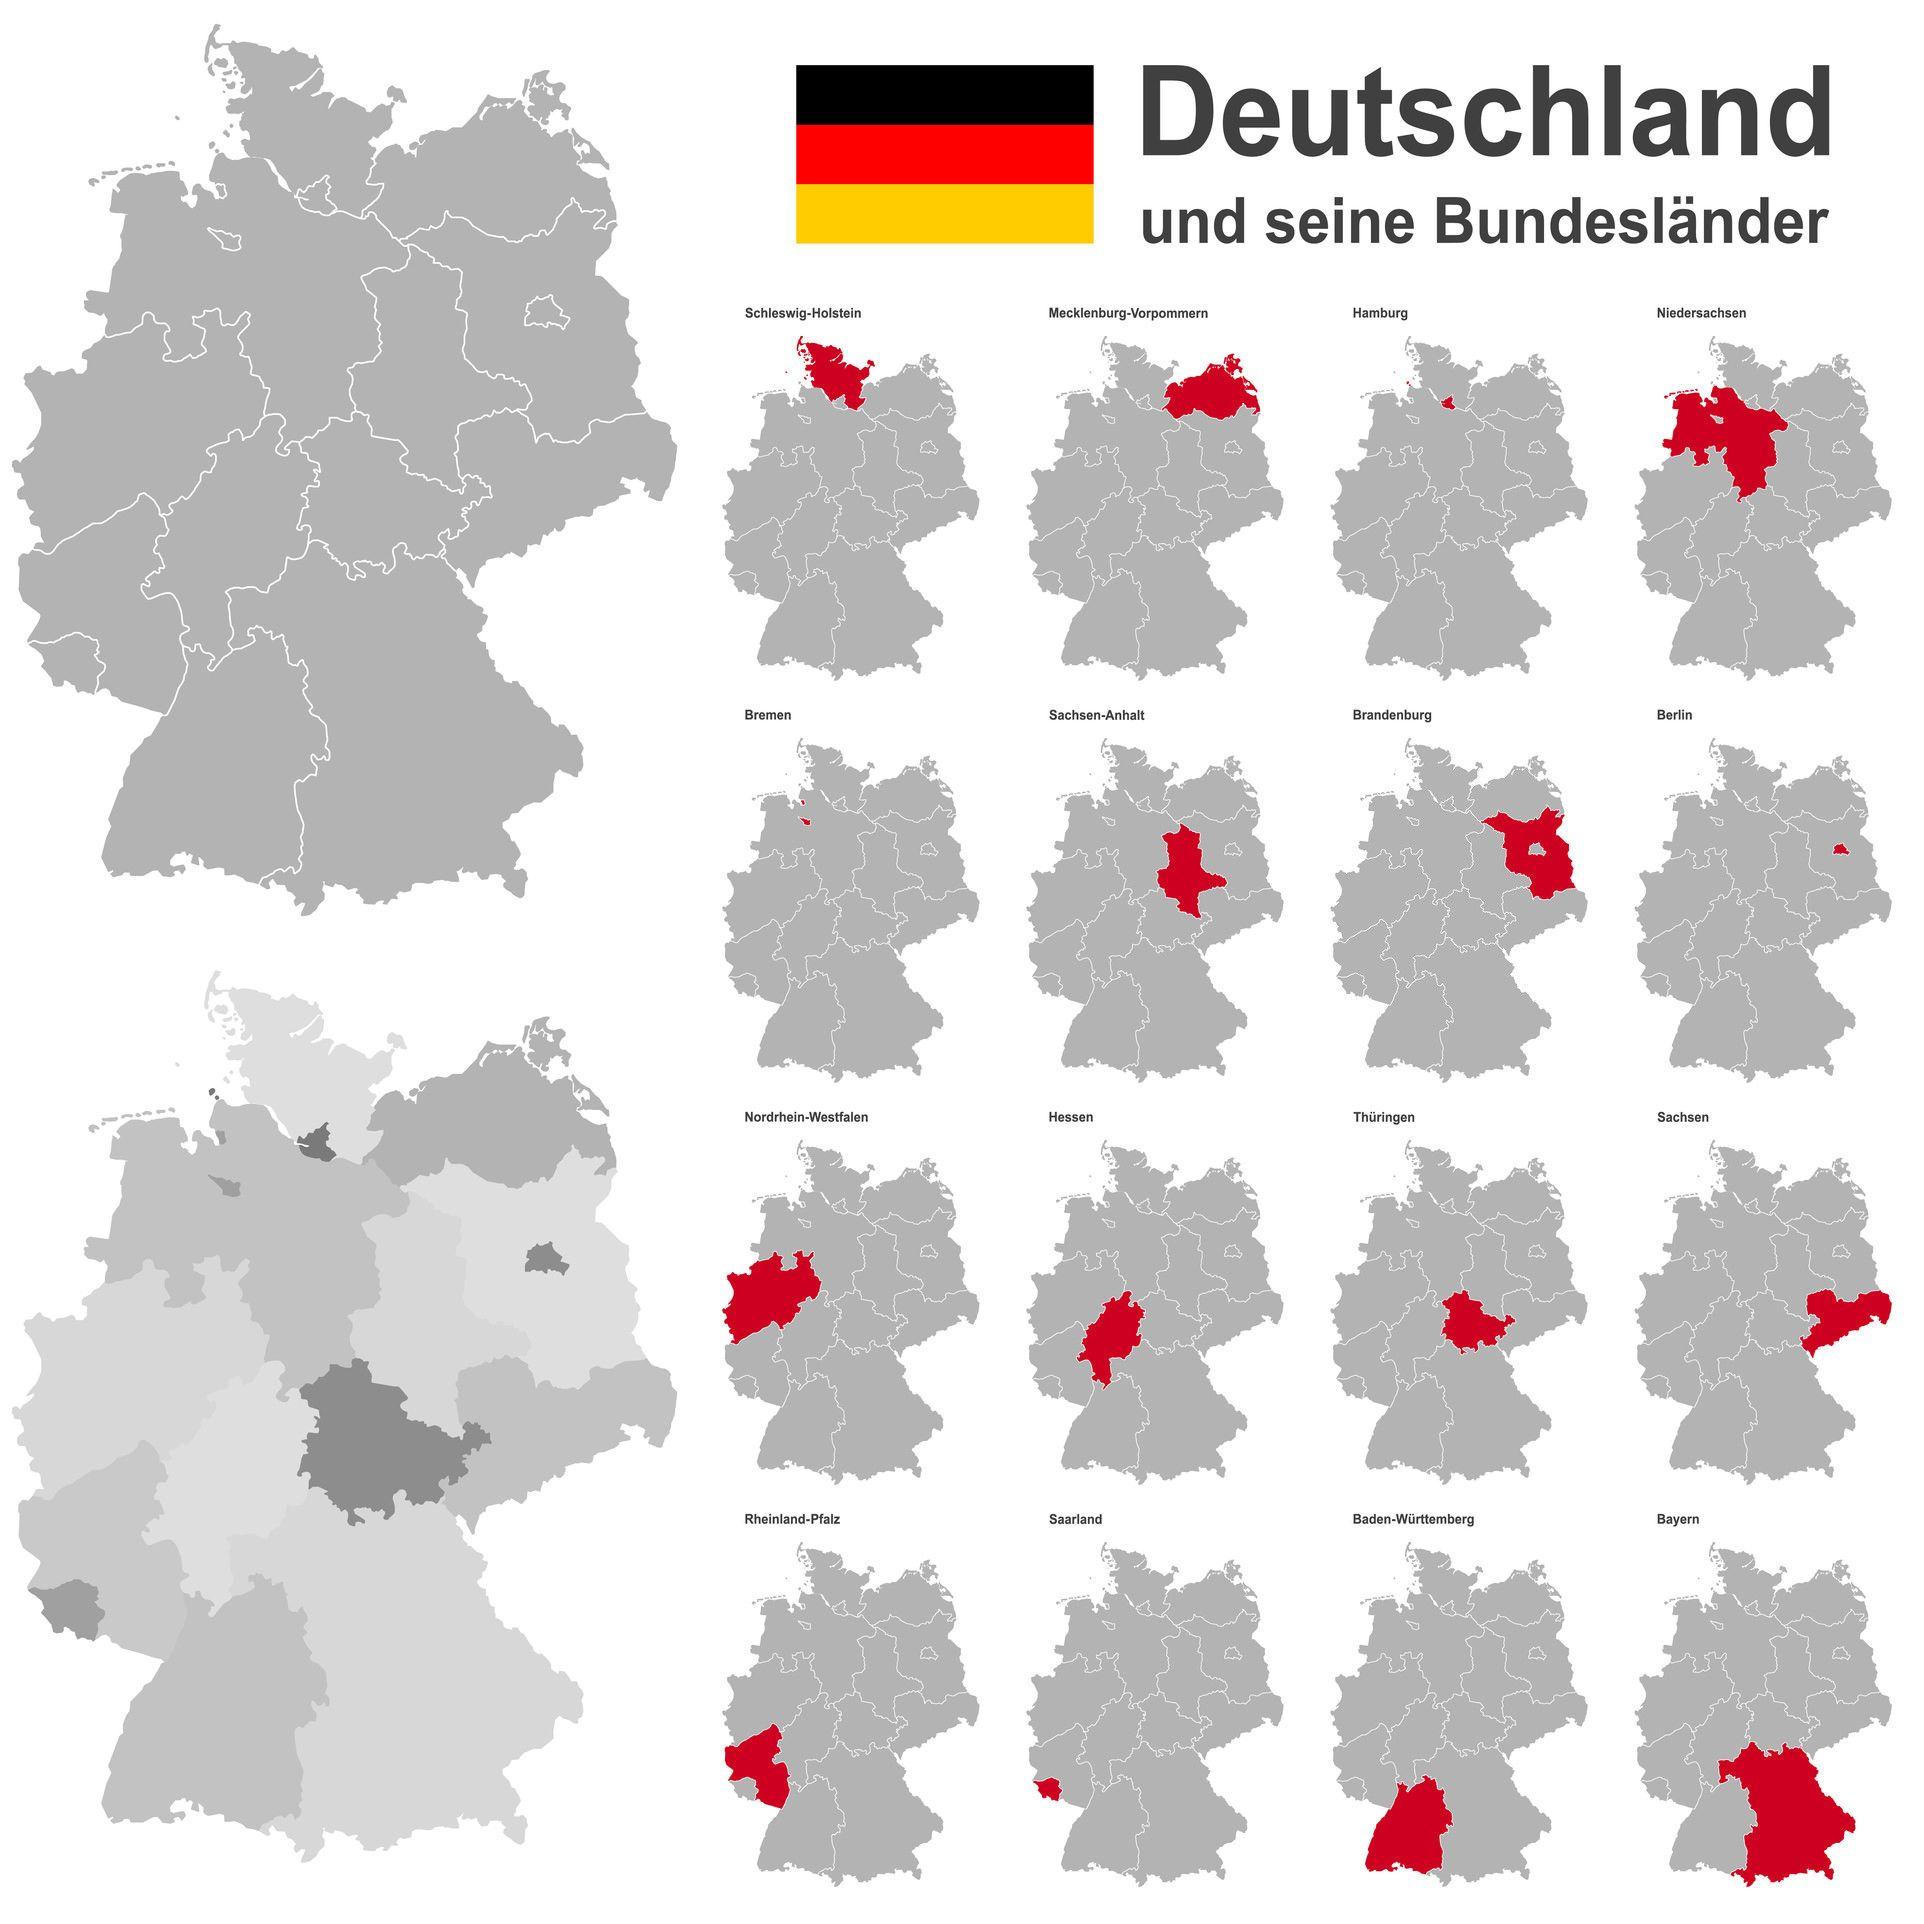 aufstellung der deutschen bundesl nder mit ihren hauptst dten die bundesrepublik deutschland. Black Bedroom Furniture Sets. Home Design Ideas